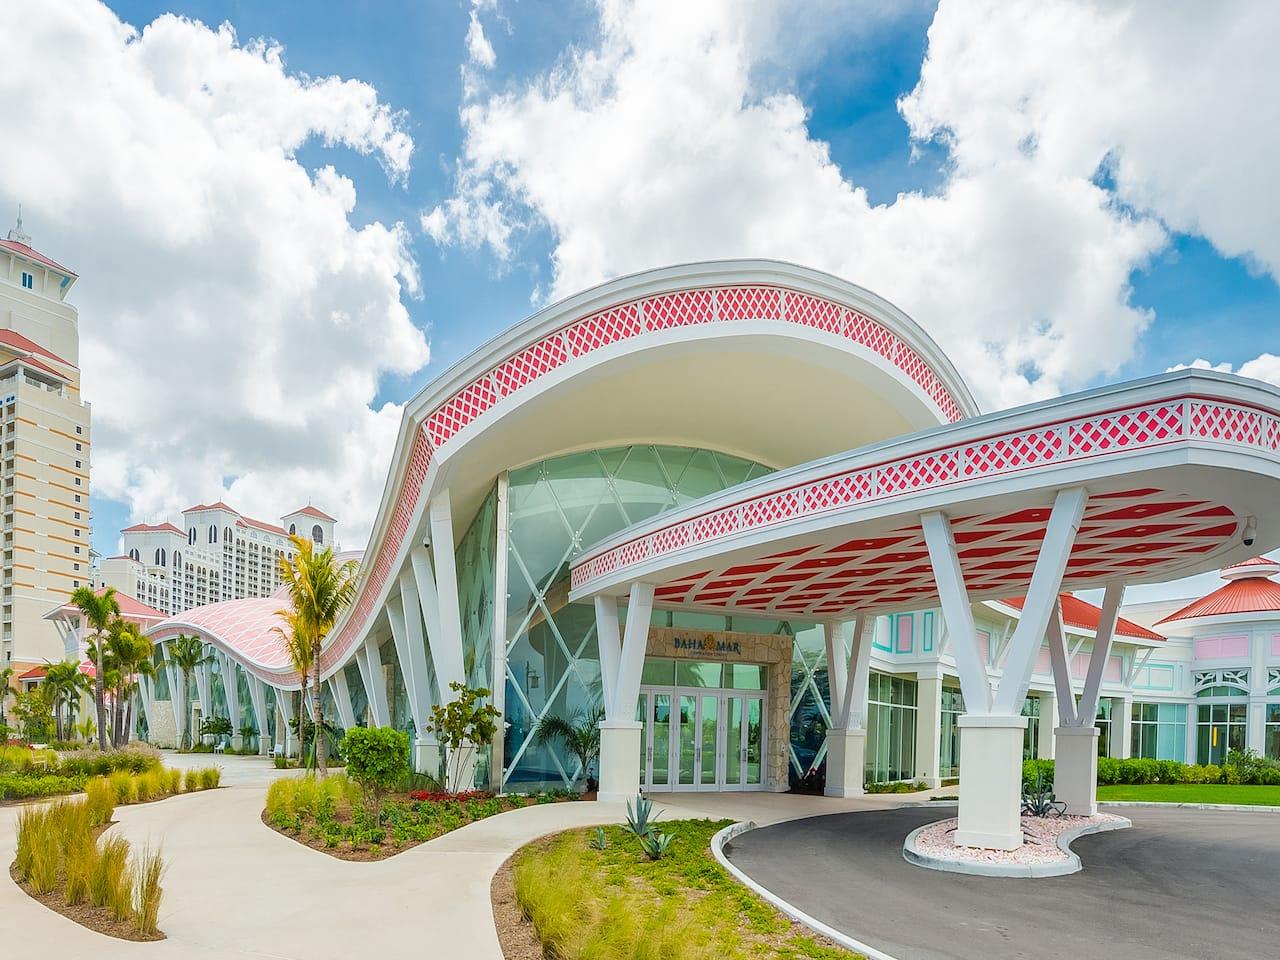 2.Convention Center Hotel Entrance Grand Hyatt Baha Mar